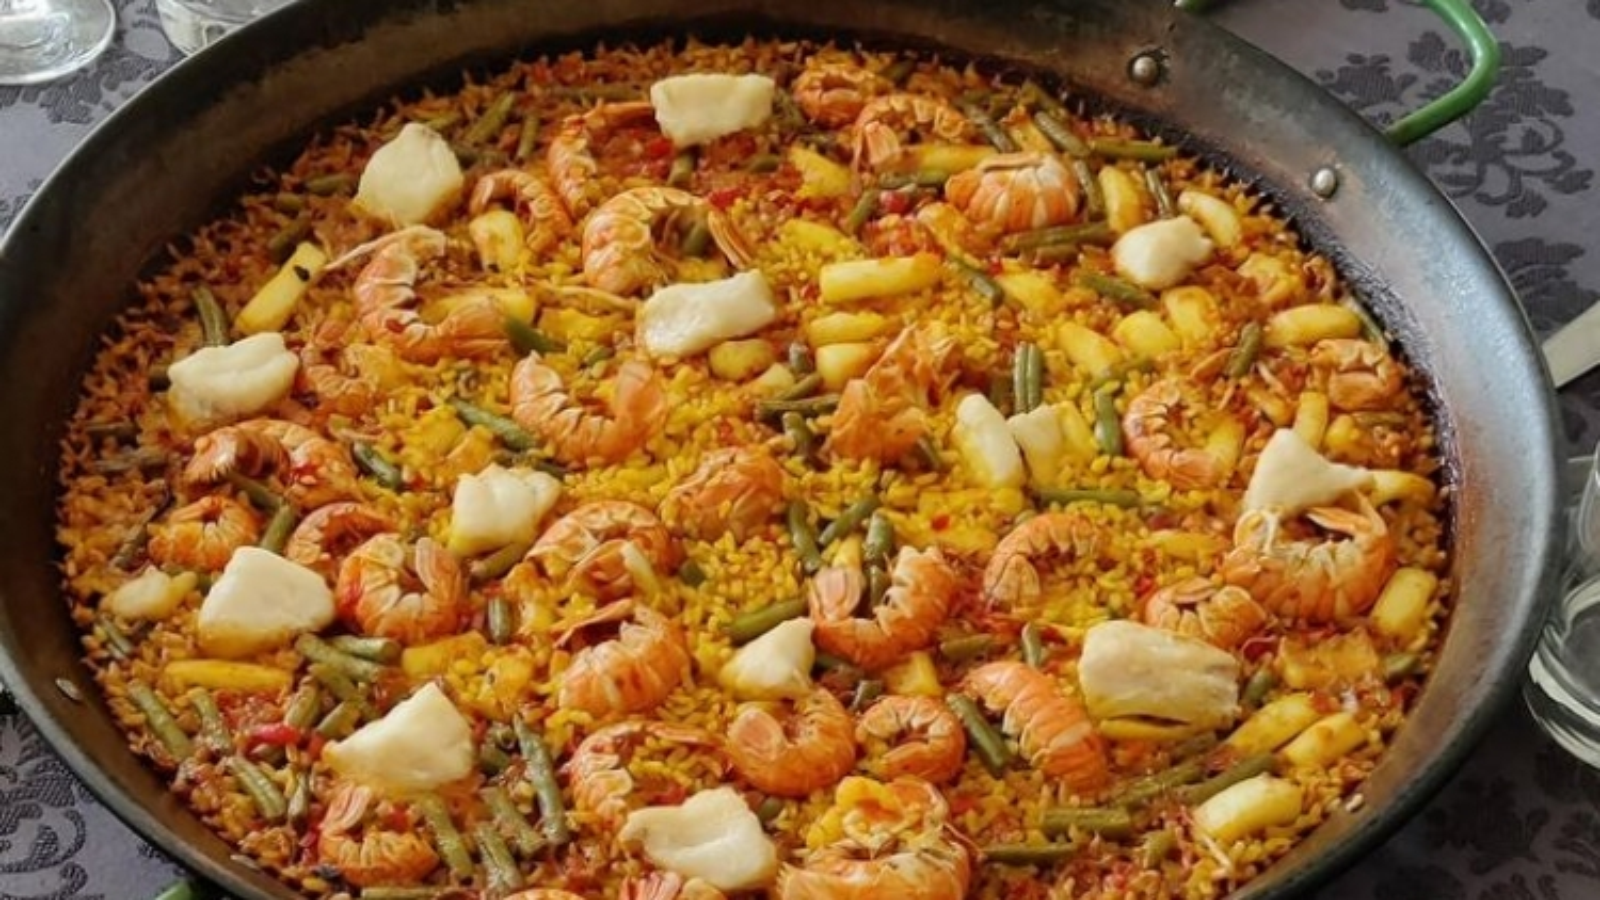 Những món đồ dùng nhà bếp thú vị mang đậm nét văn hoá của các quốc gia